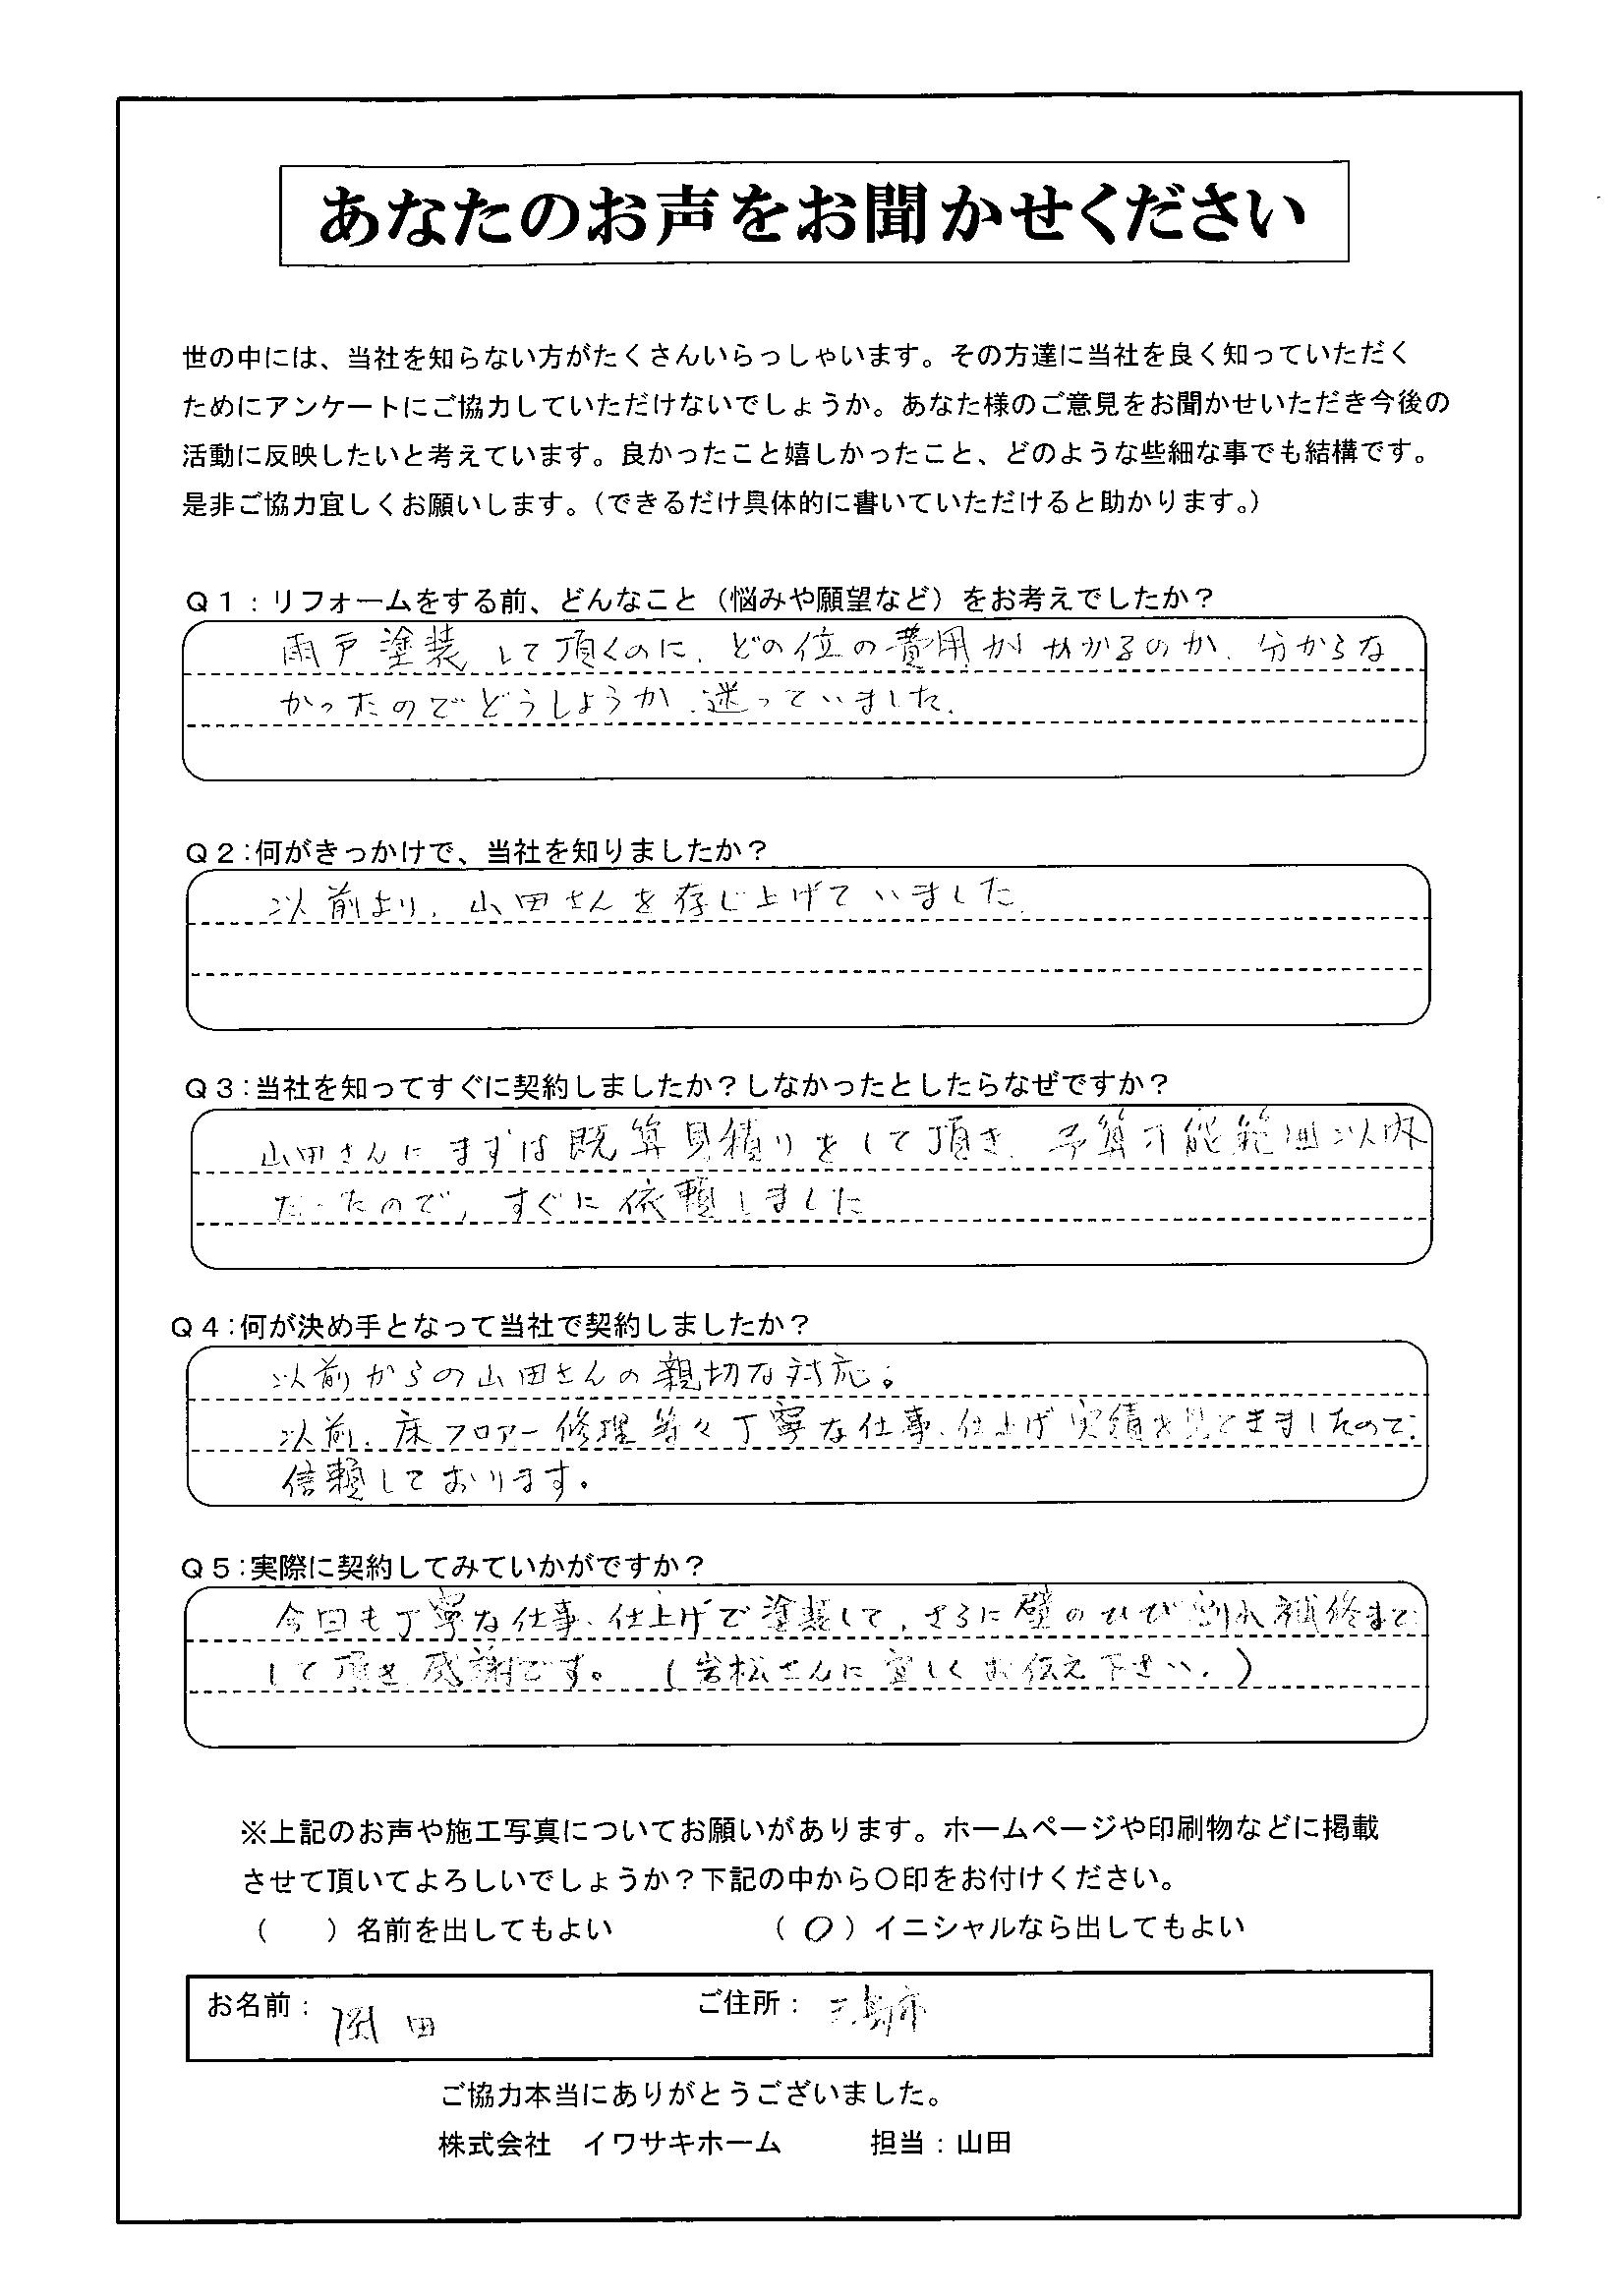 アンケート岡田さま